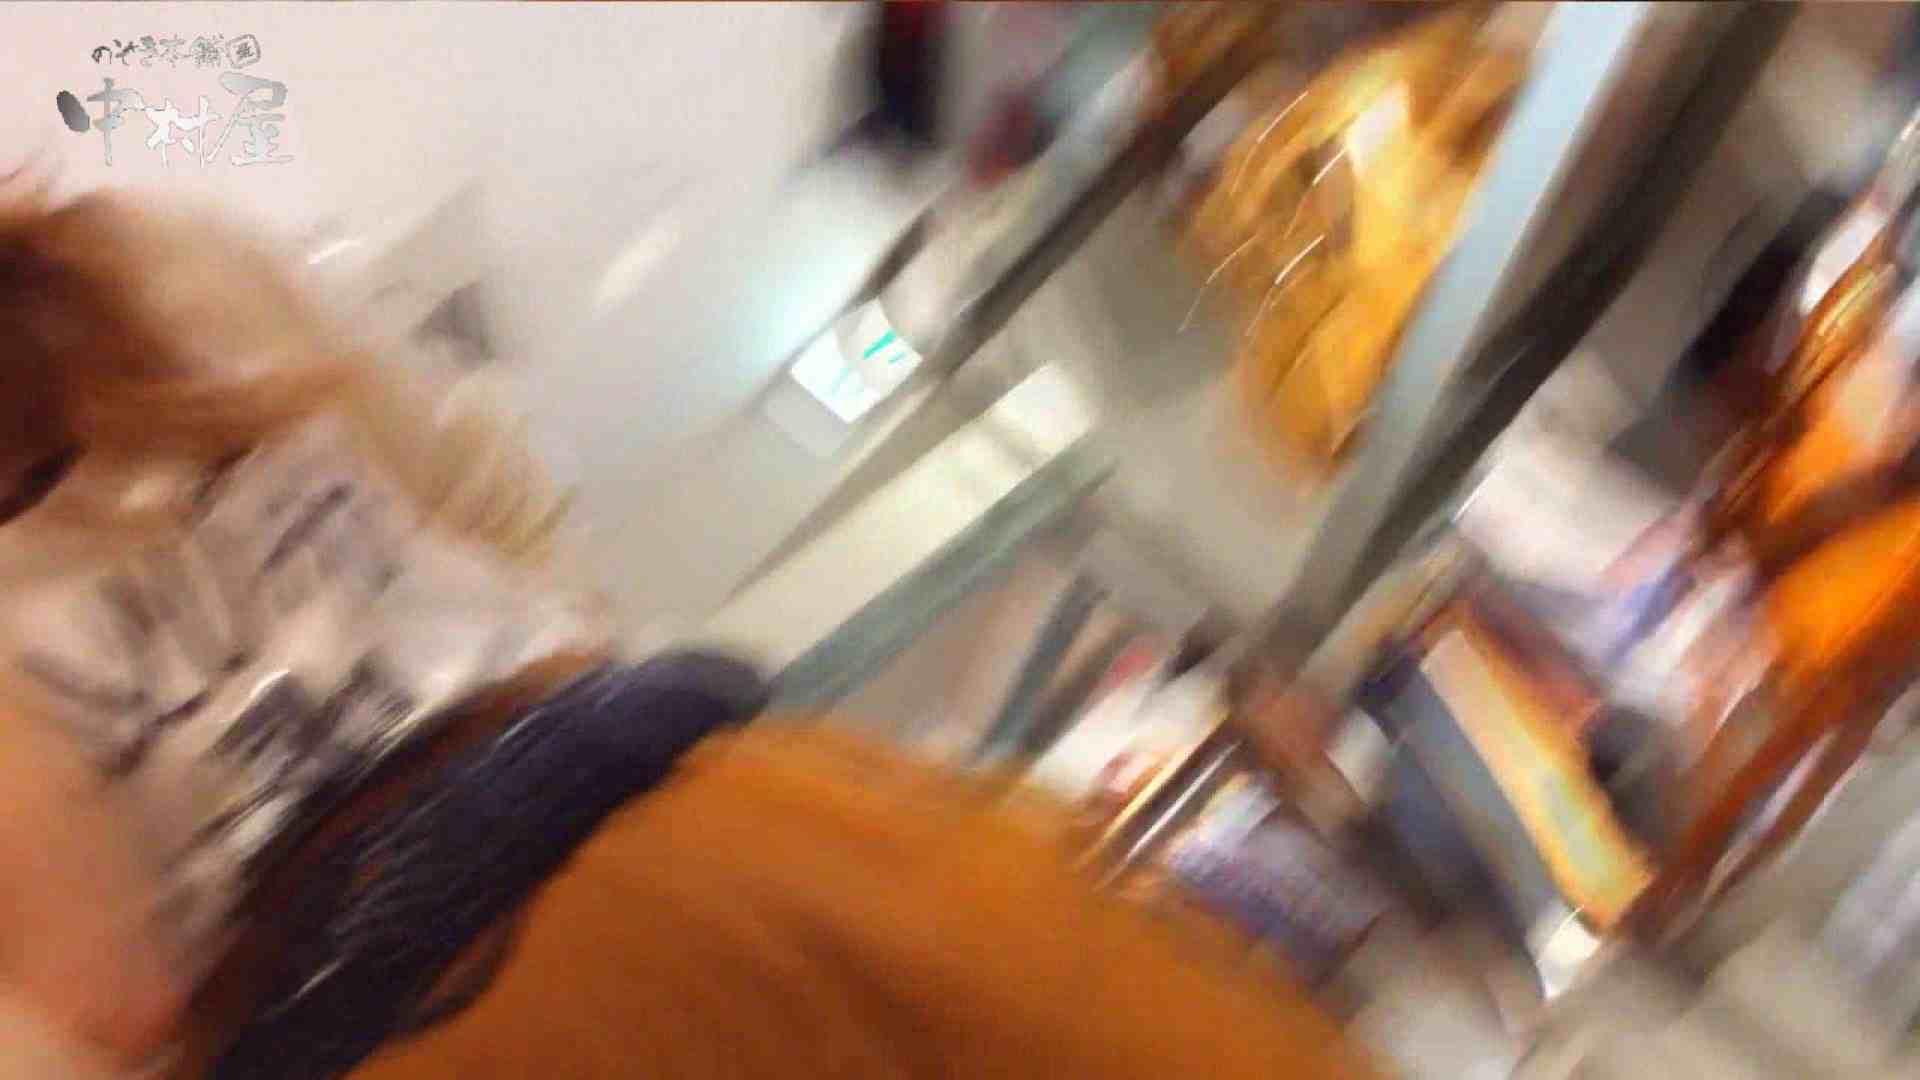 vol.84 美人アパレル胸チラ&パンチラ 帽子オネェさんに胸元アタック! OLエロ画像 盗み撮りAV無料動画キャプチャ 51PICs 37